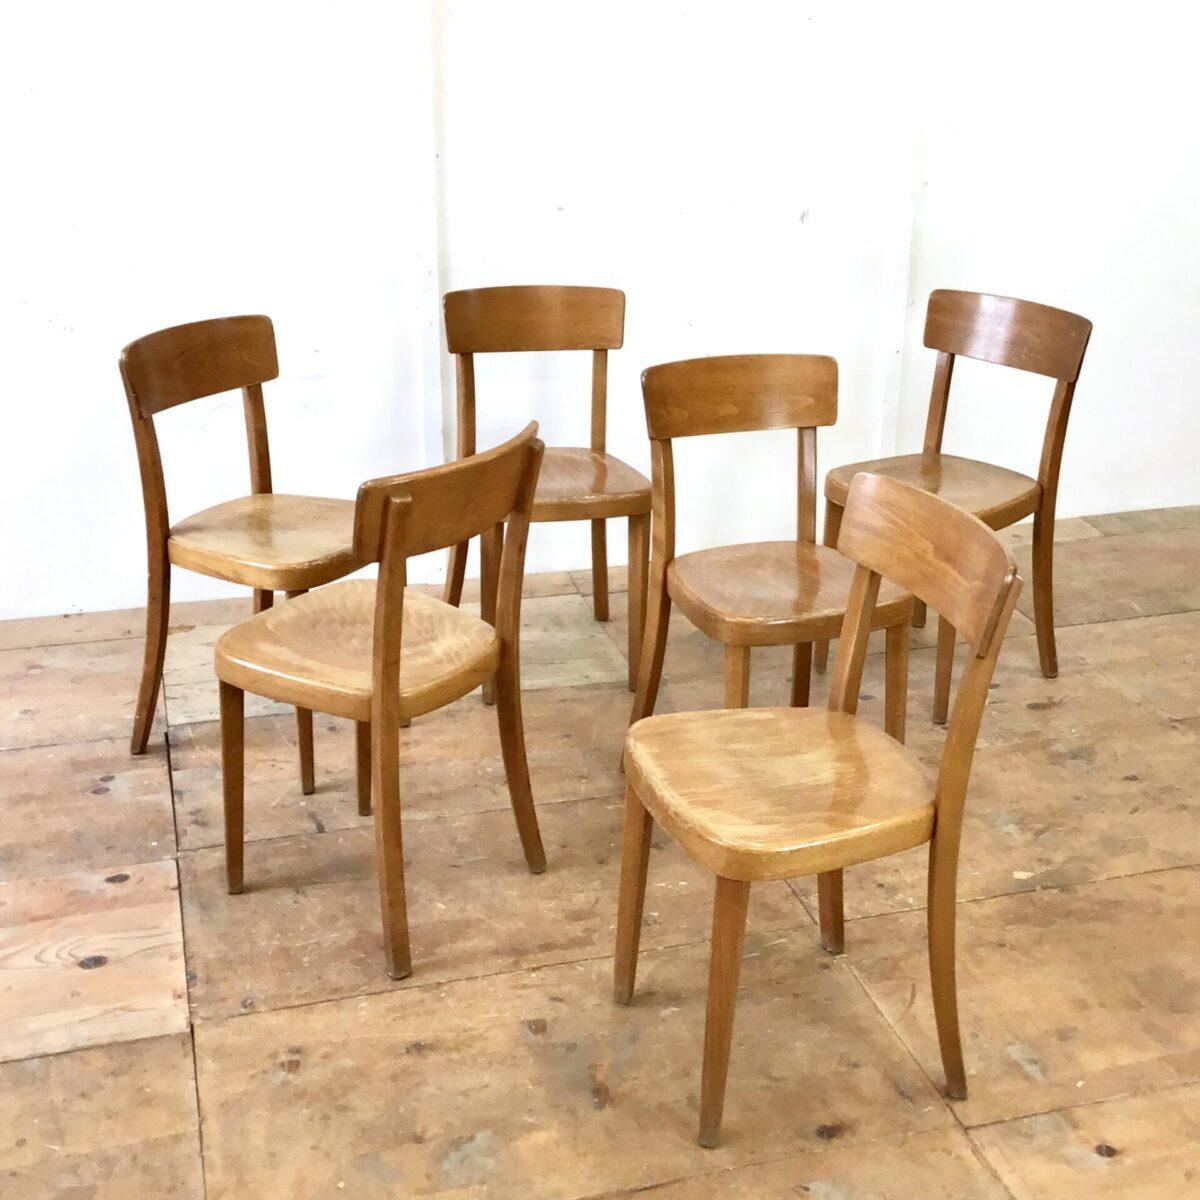 Stabile Qualitäts Stühle von Tütsch Klingnau, mit Alterspatina. Preis pro Stuhl. Simple funktionale Esszimmer Stühle ähnlich dem horgenglarus Classic Modell.